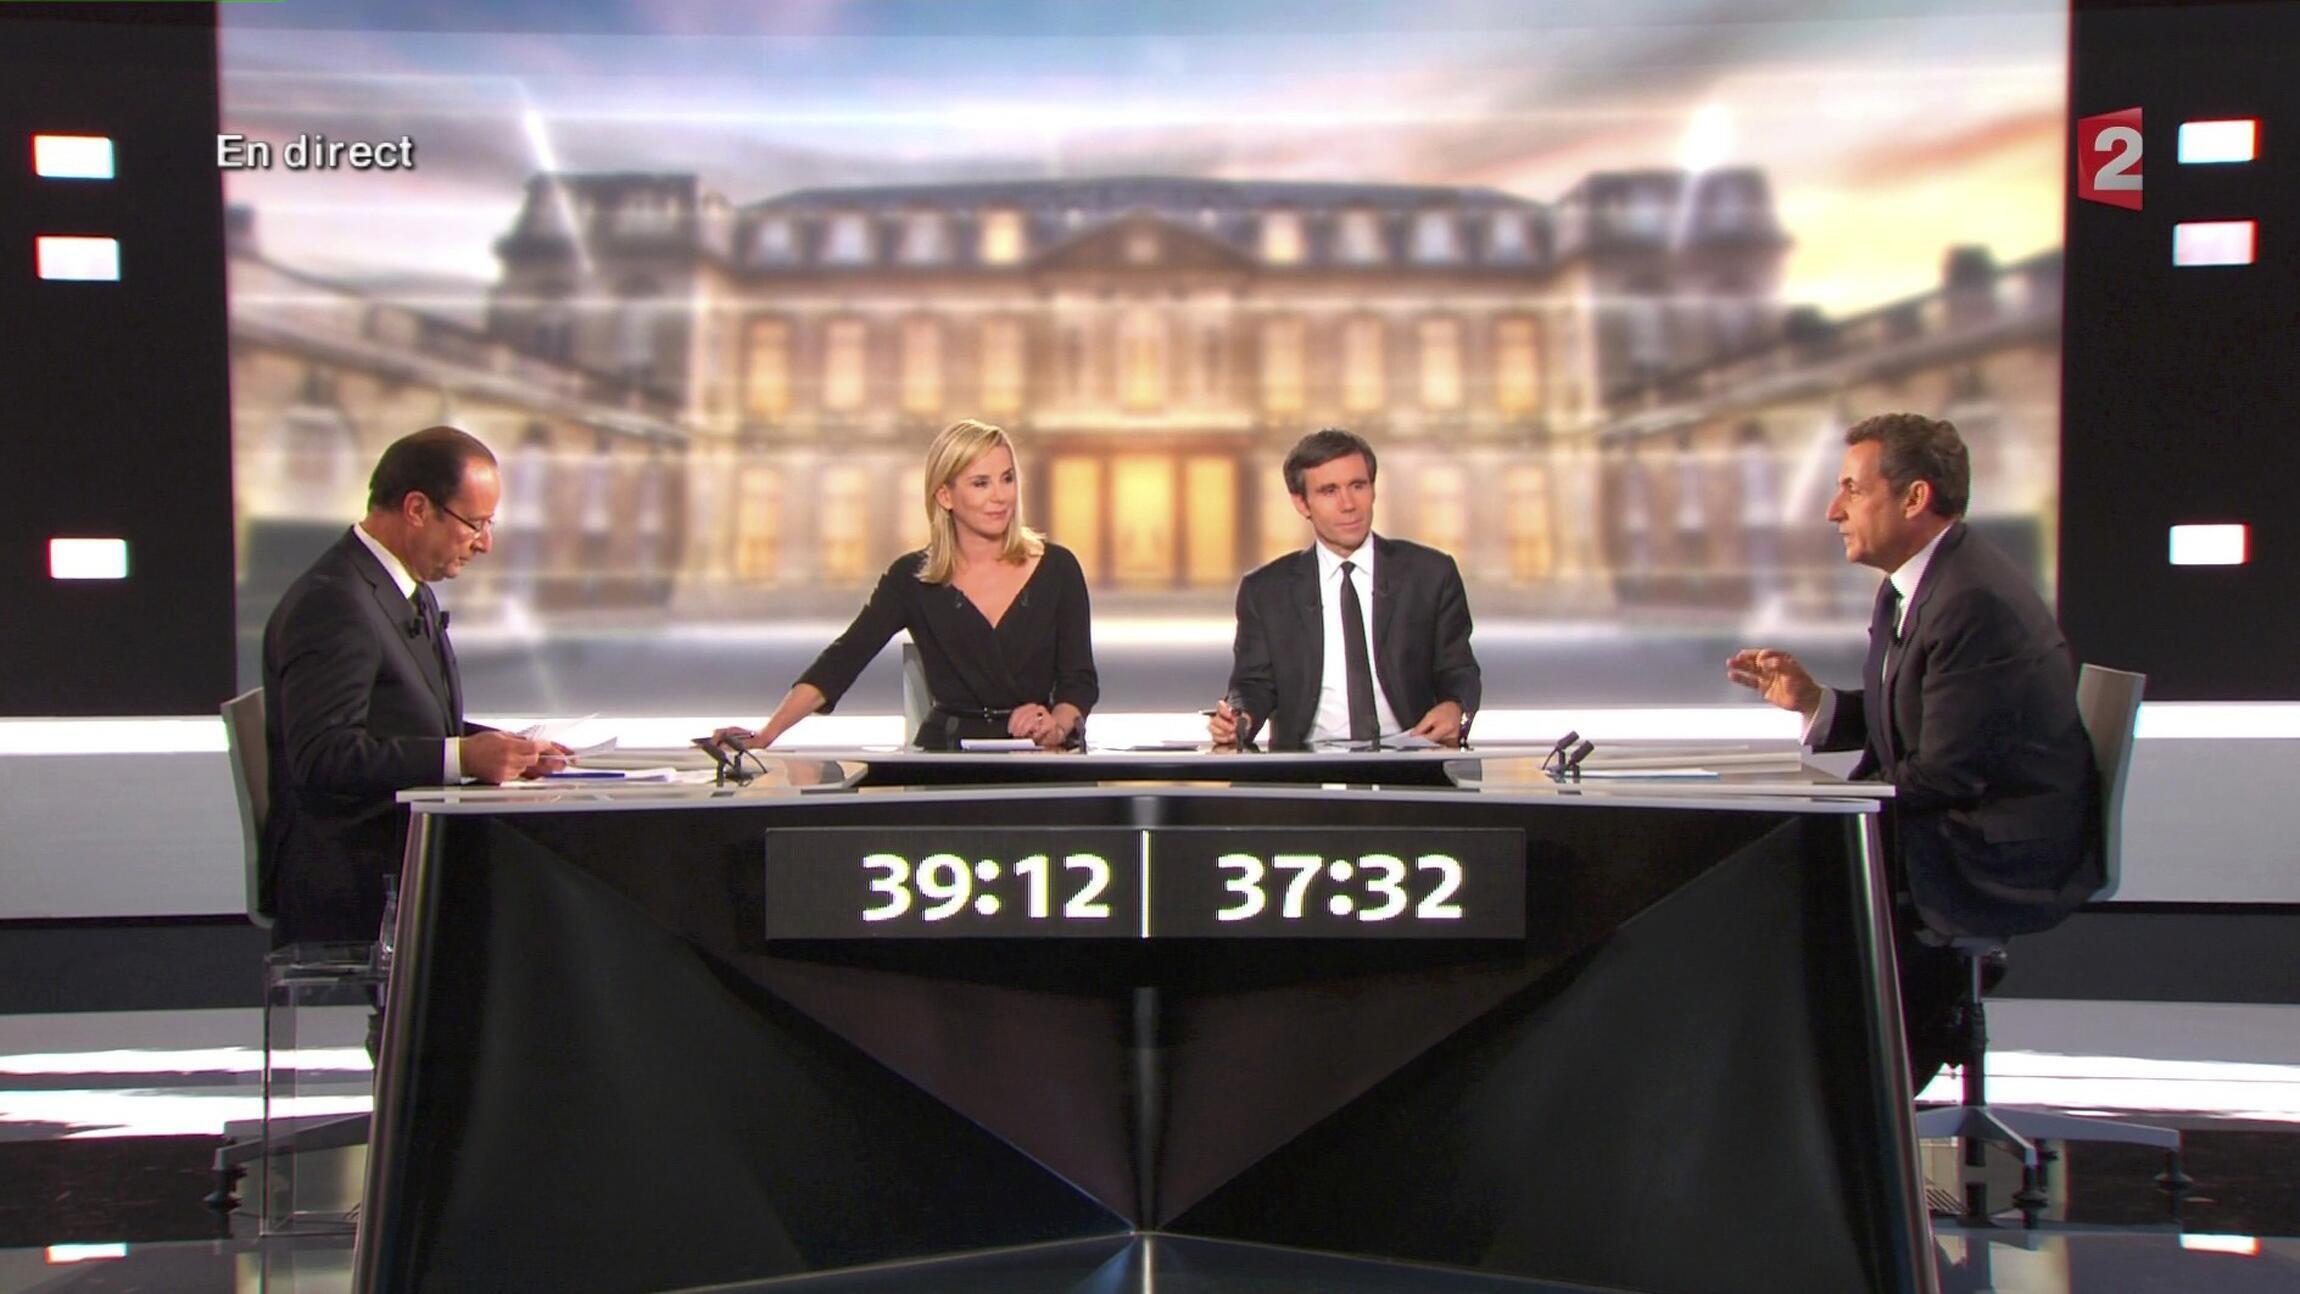 Le débat télévisé face à François Hollande n'a pas fait basculer l'opinion.